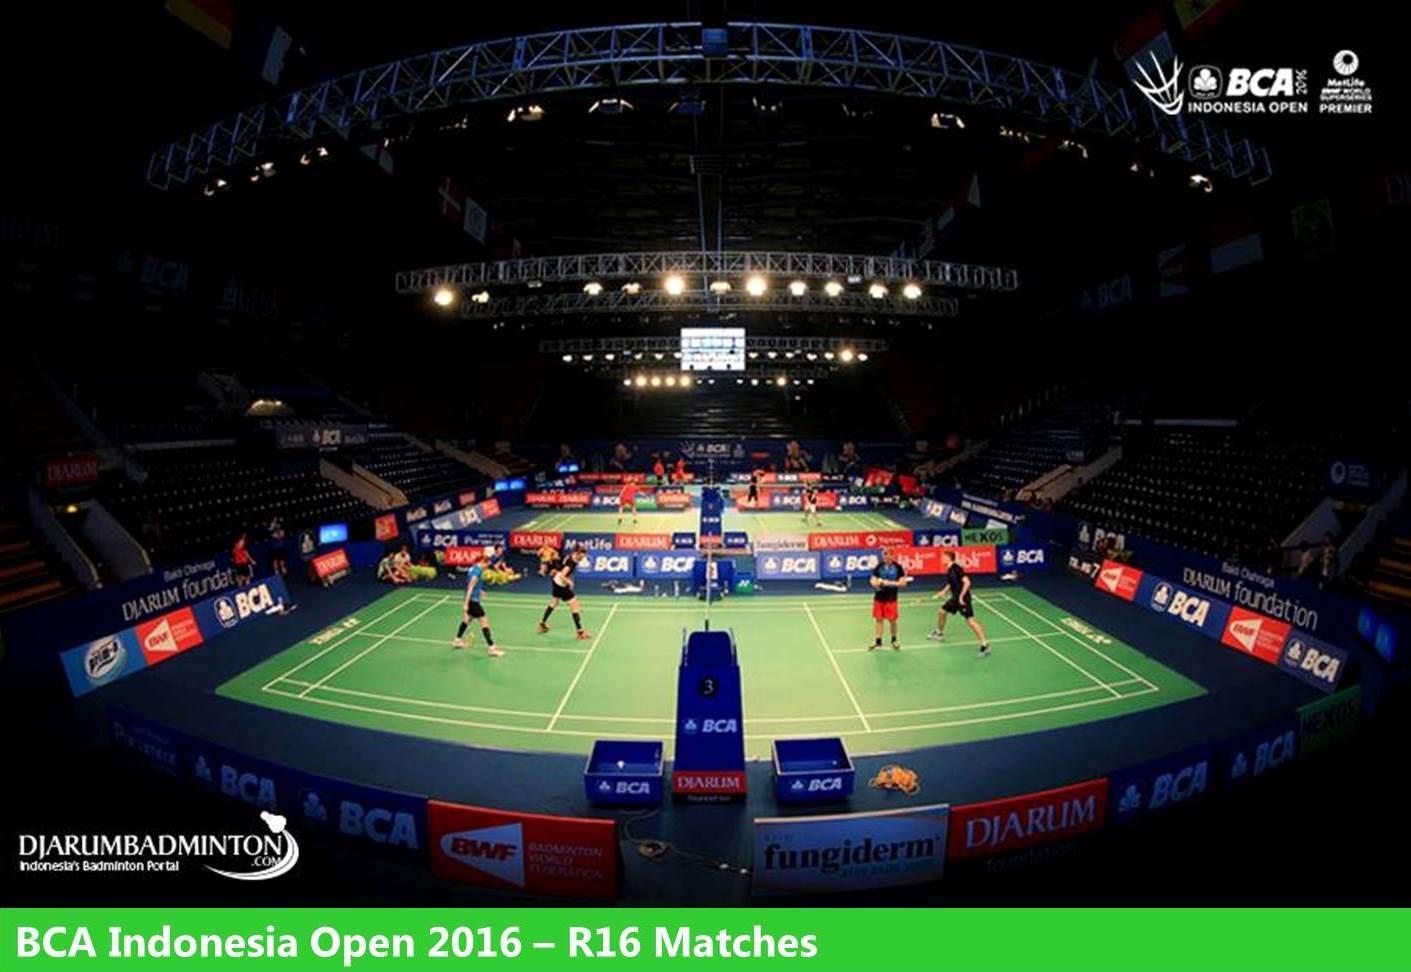 بازی های روز چهارم مسابقات بدمینتون آزاد اندونزی 2016